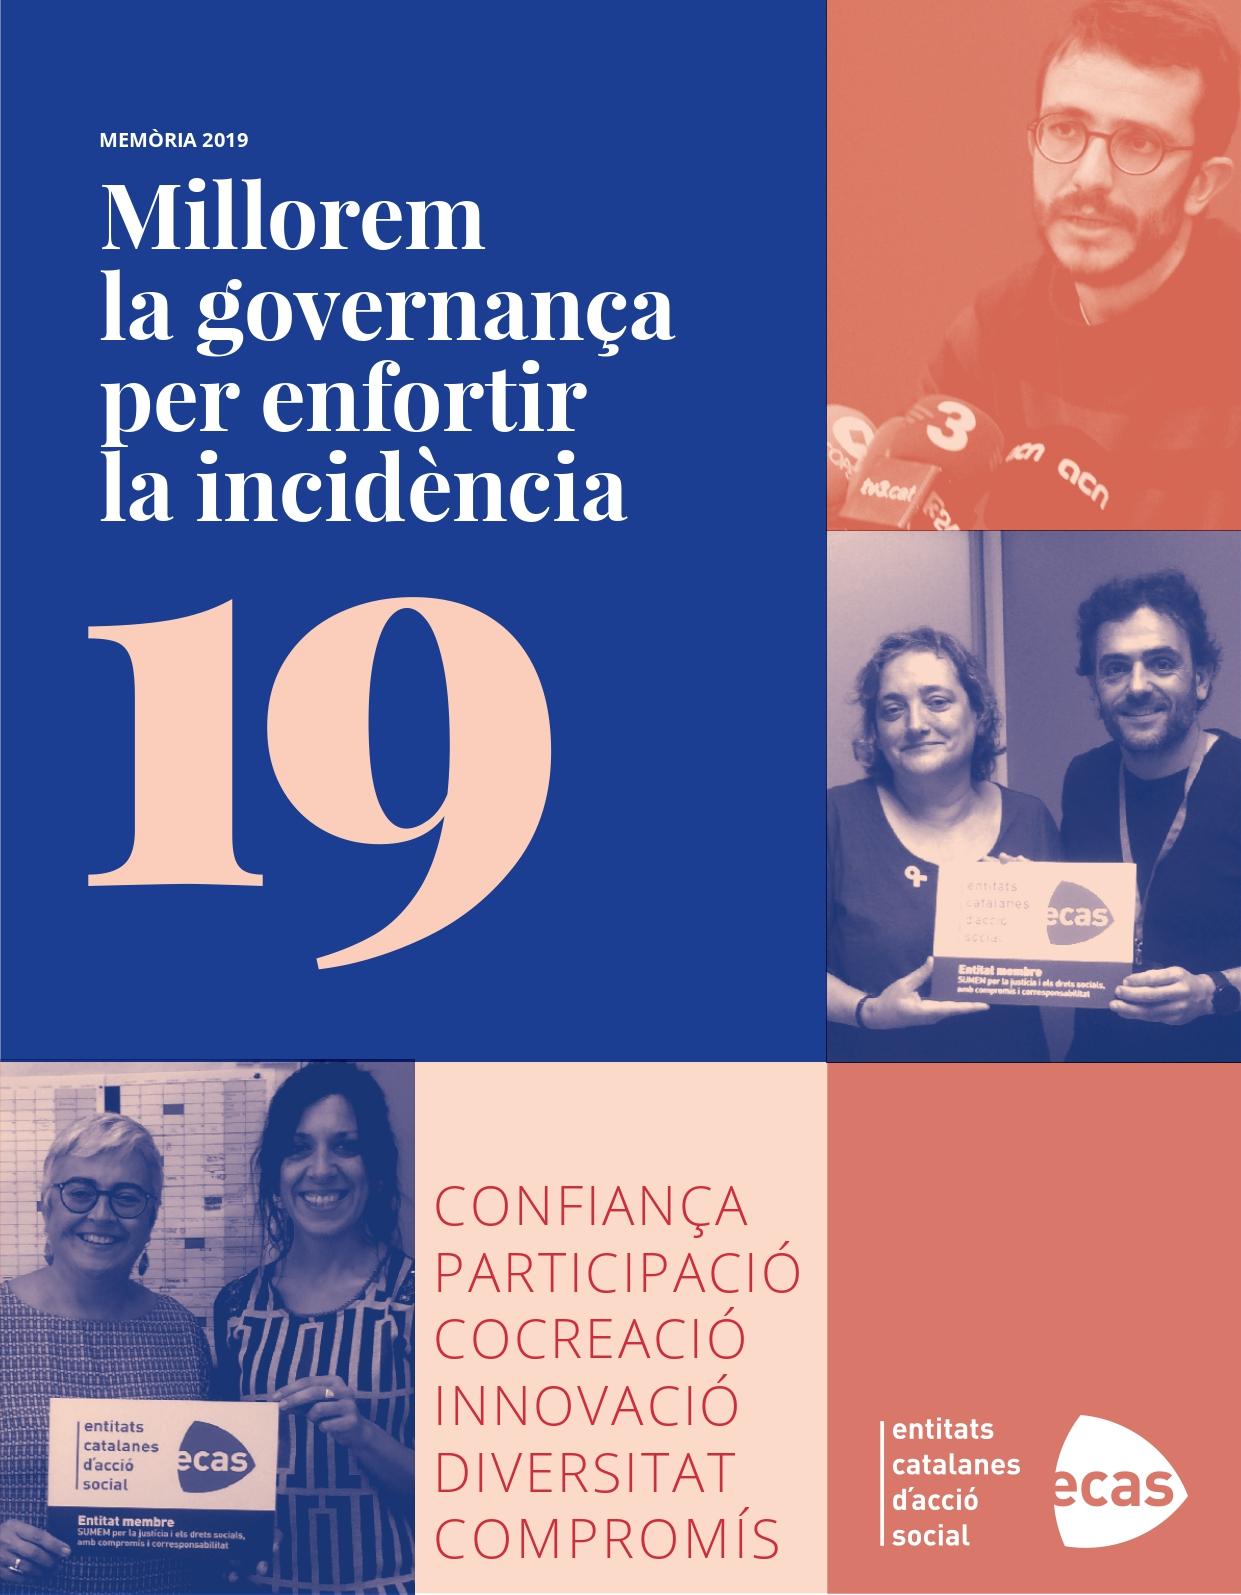 ECAS_Memoria2019 portada_page-0001